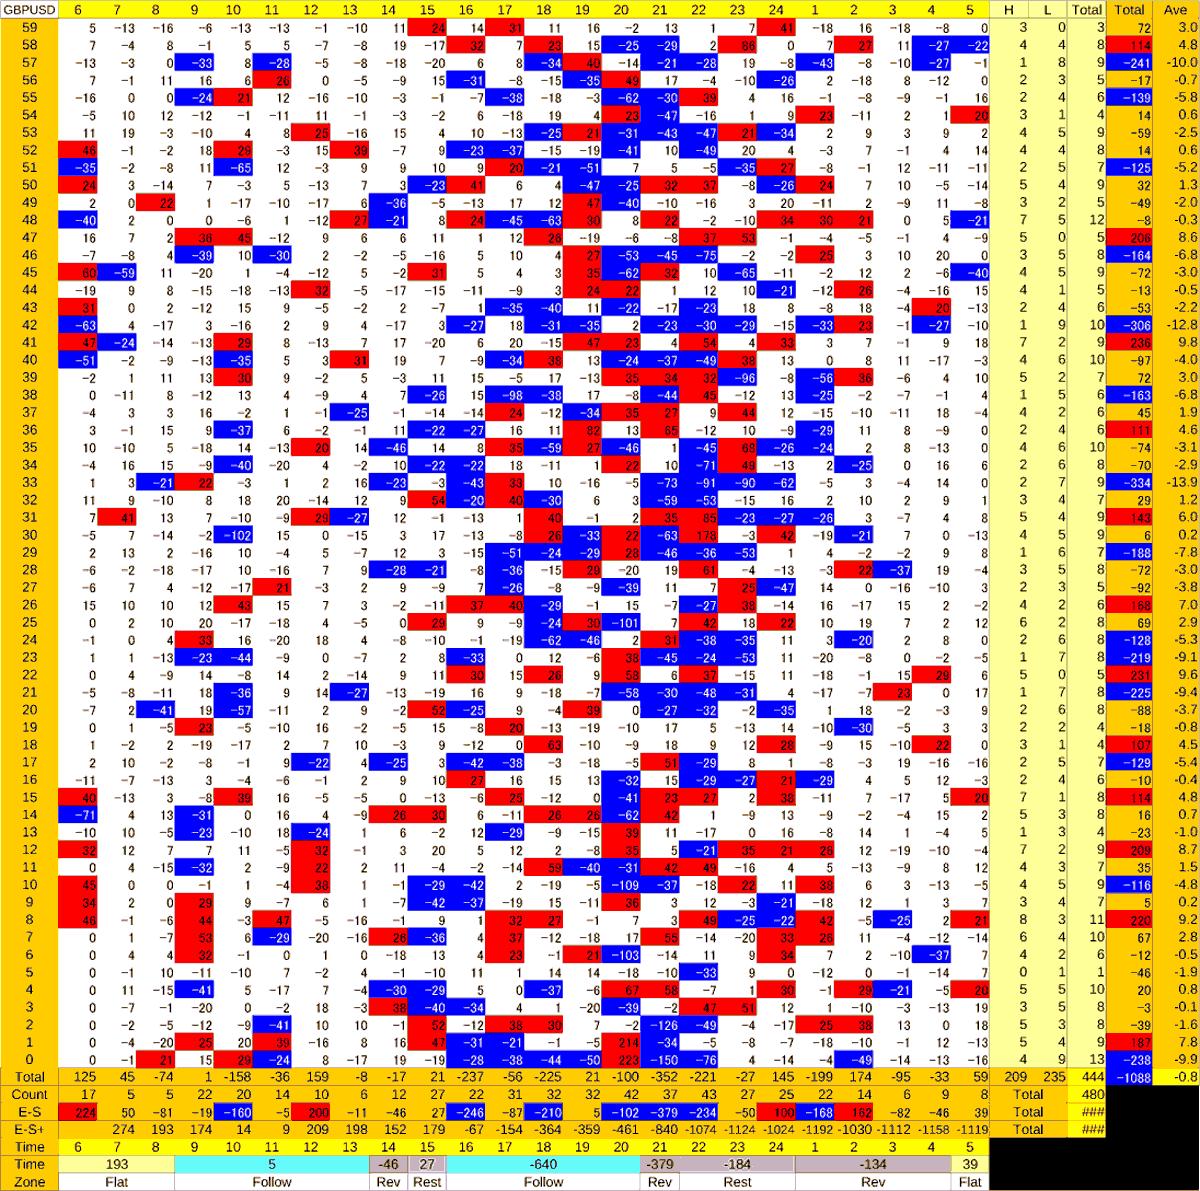 20200618_HS(2)GBPUSD